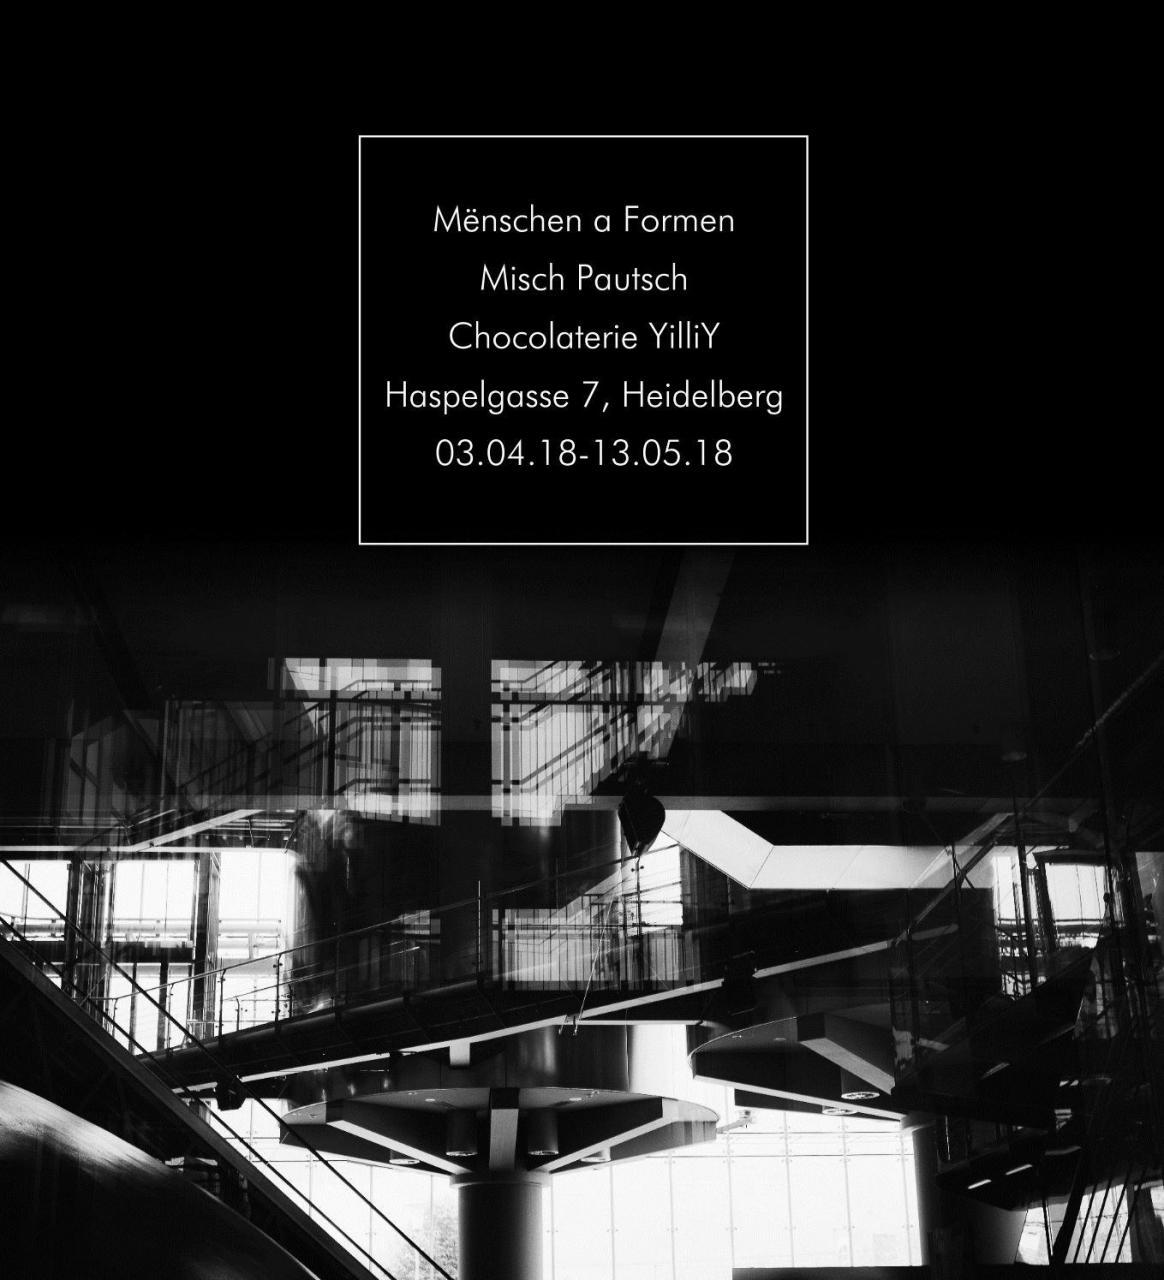 Flyer der Ausstellung von Misch Pautsch in der Chocolaterie yilliy von 03.04.-13.05.2018